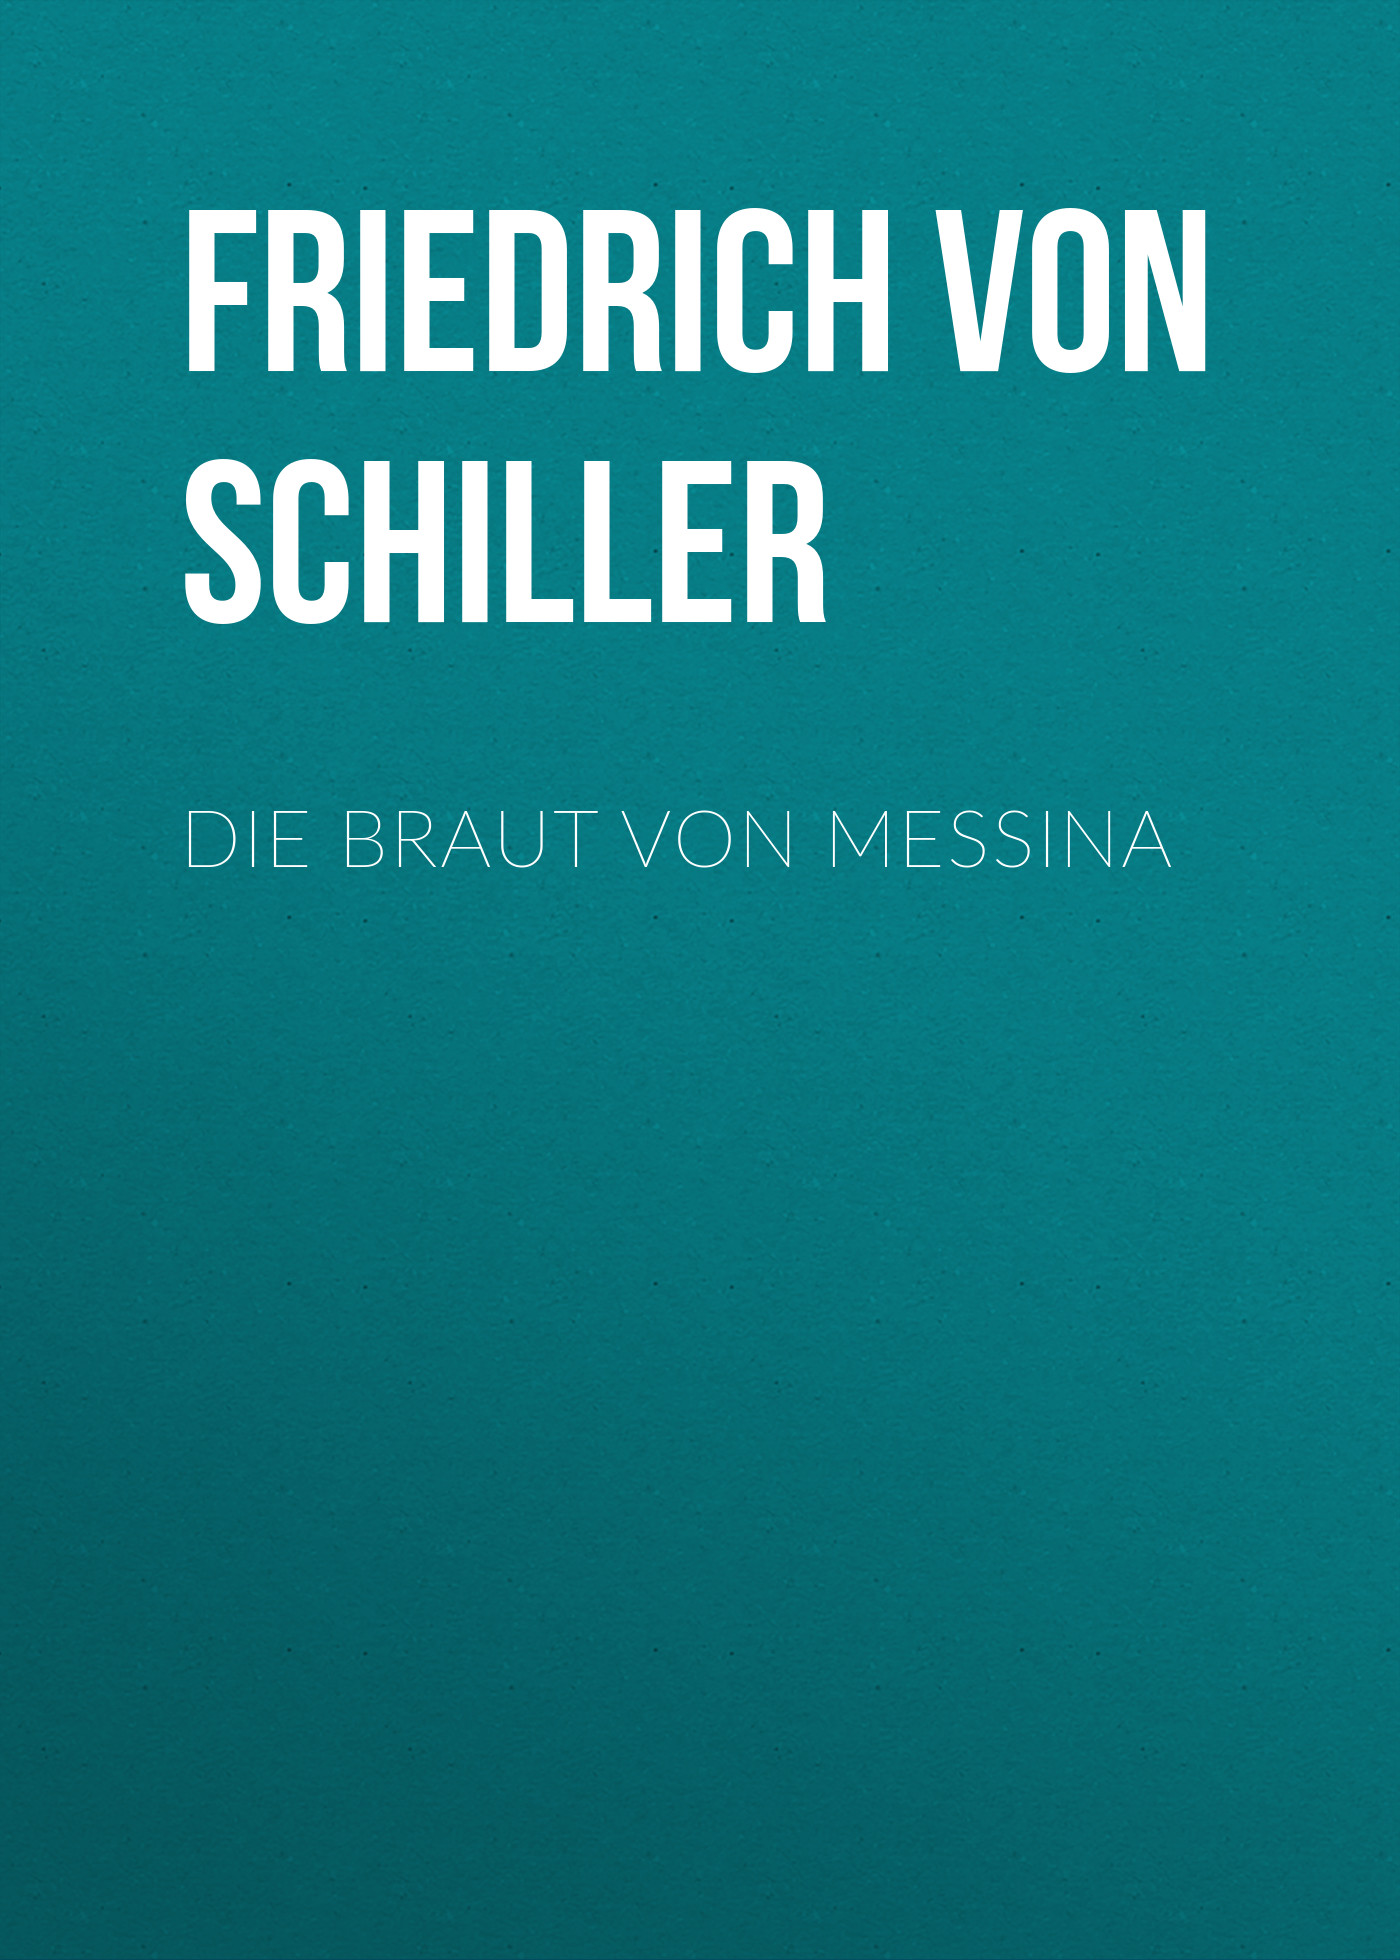 Friedrich von Schiller Die Braut von Messina friedrich von schiller gedichte